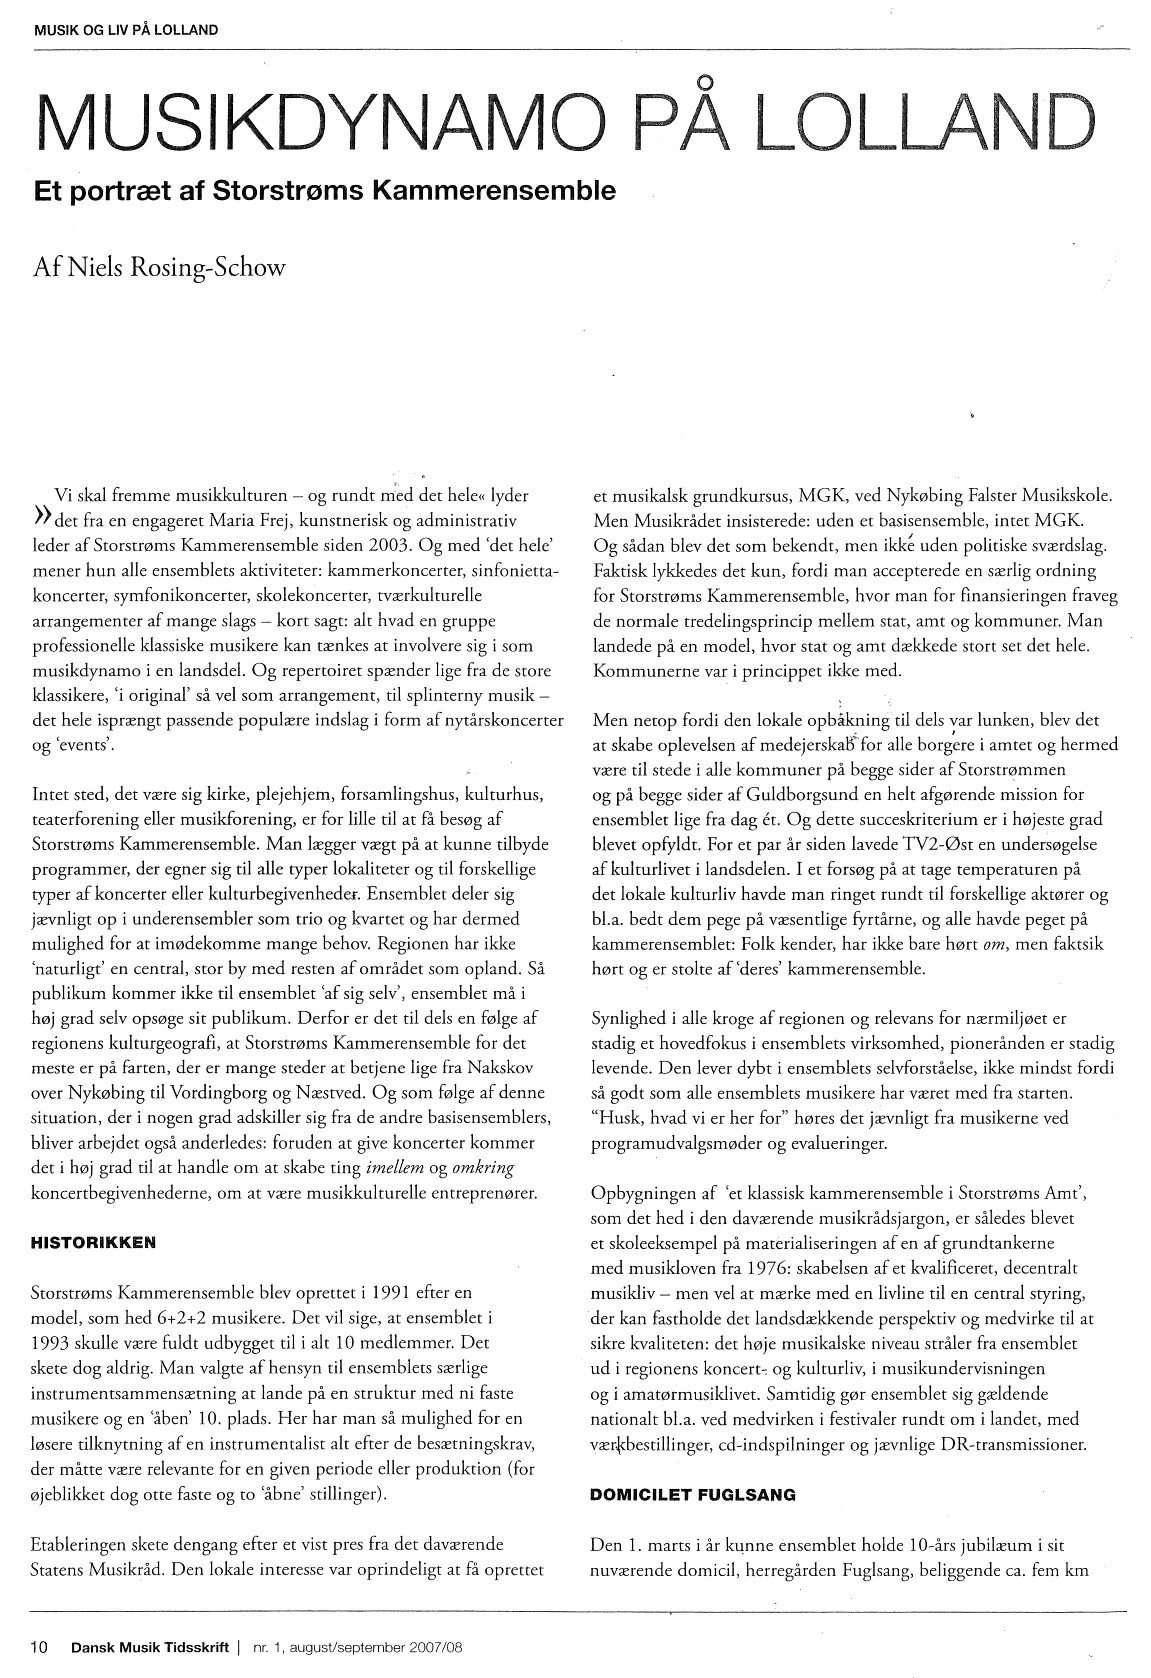 Del 1 af artikel i DMT, 2007